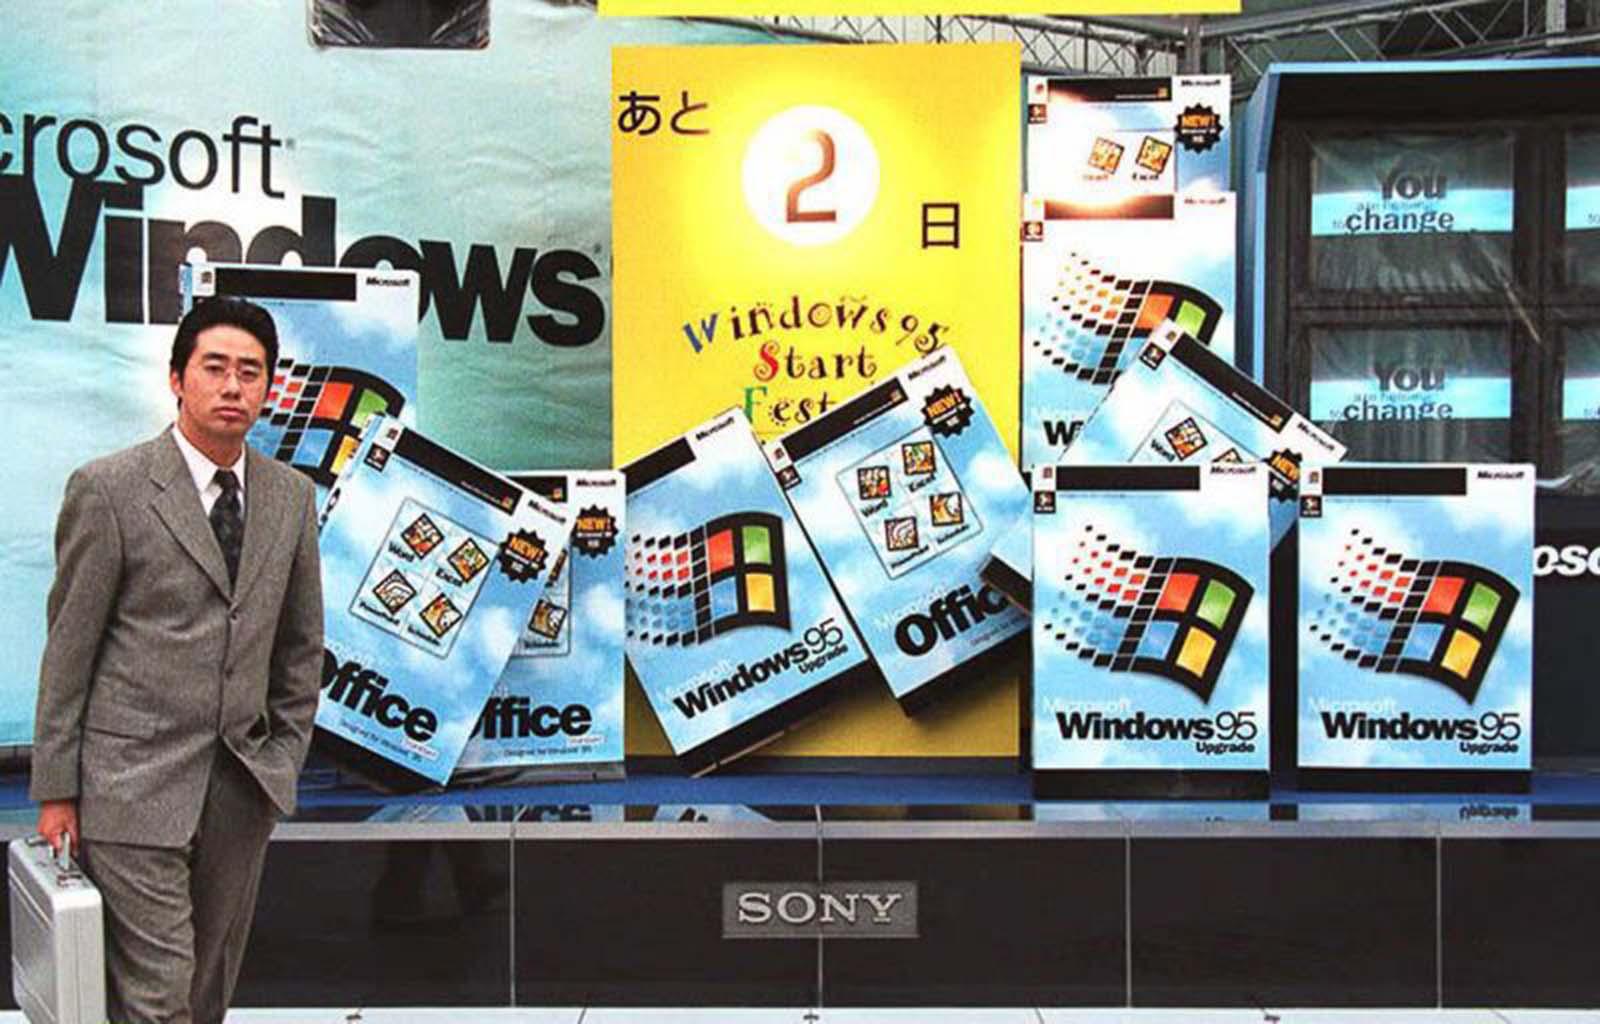 Windows 95 launch%2B%252811%2529 - Relembre a enorme histeria do lançamento do Windows 95 em 1995